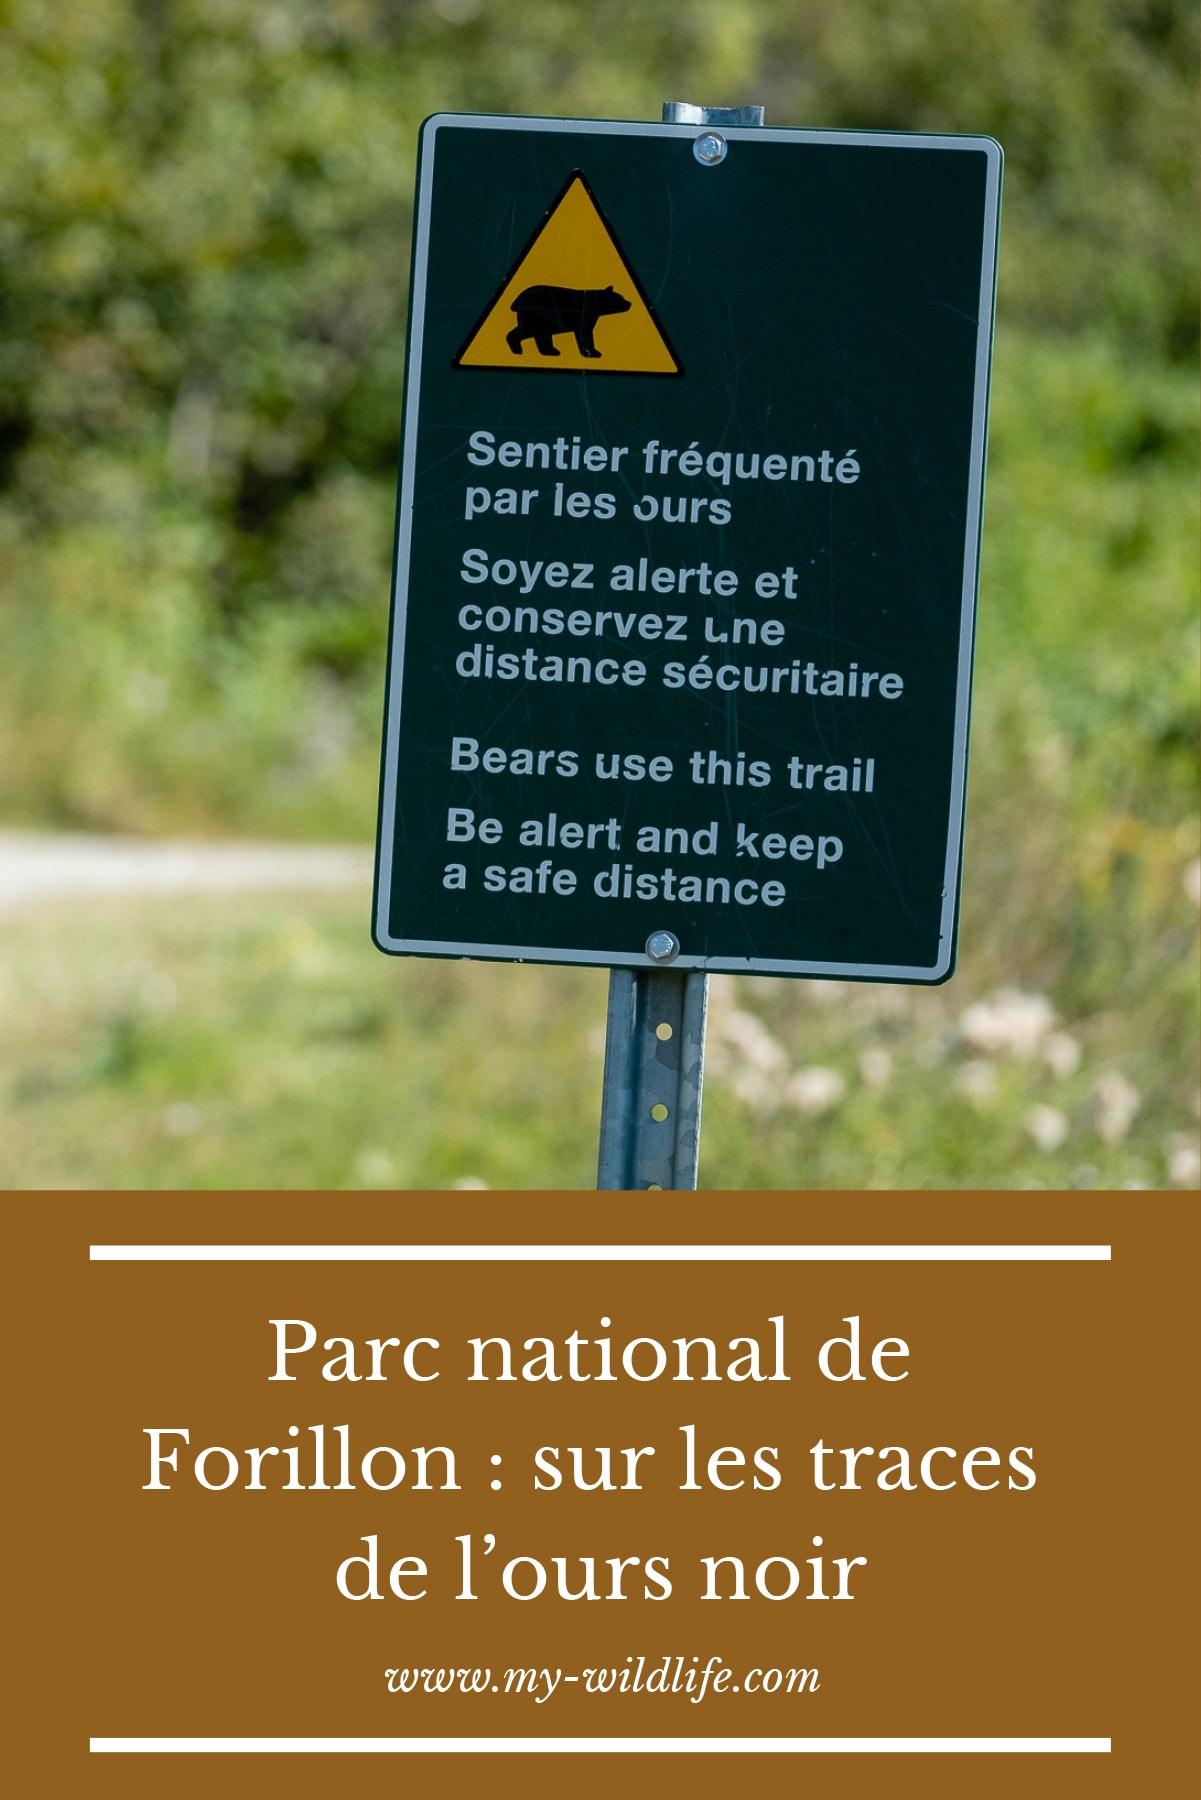 Parc-national-de-Forillon-_-sur-les-traces-de-l'ours-noir-02